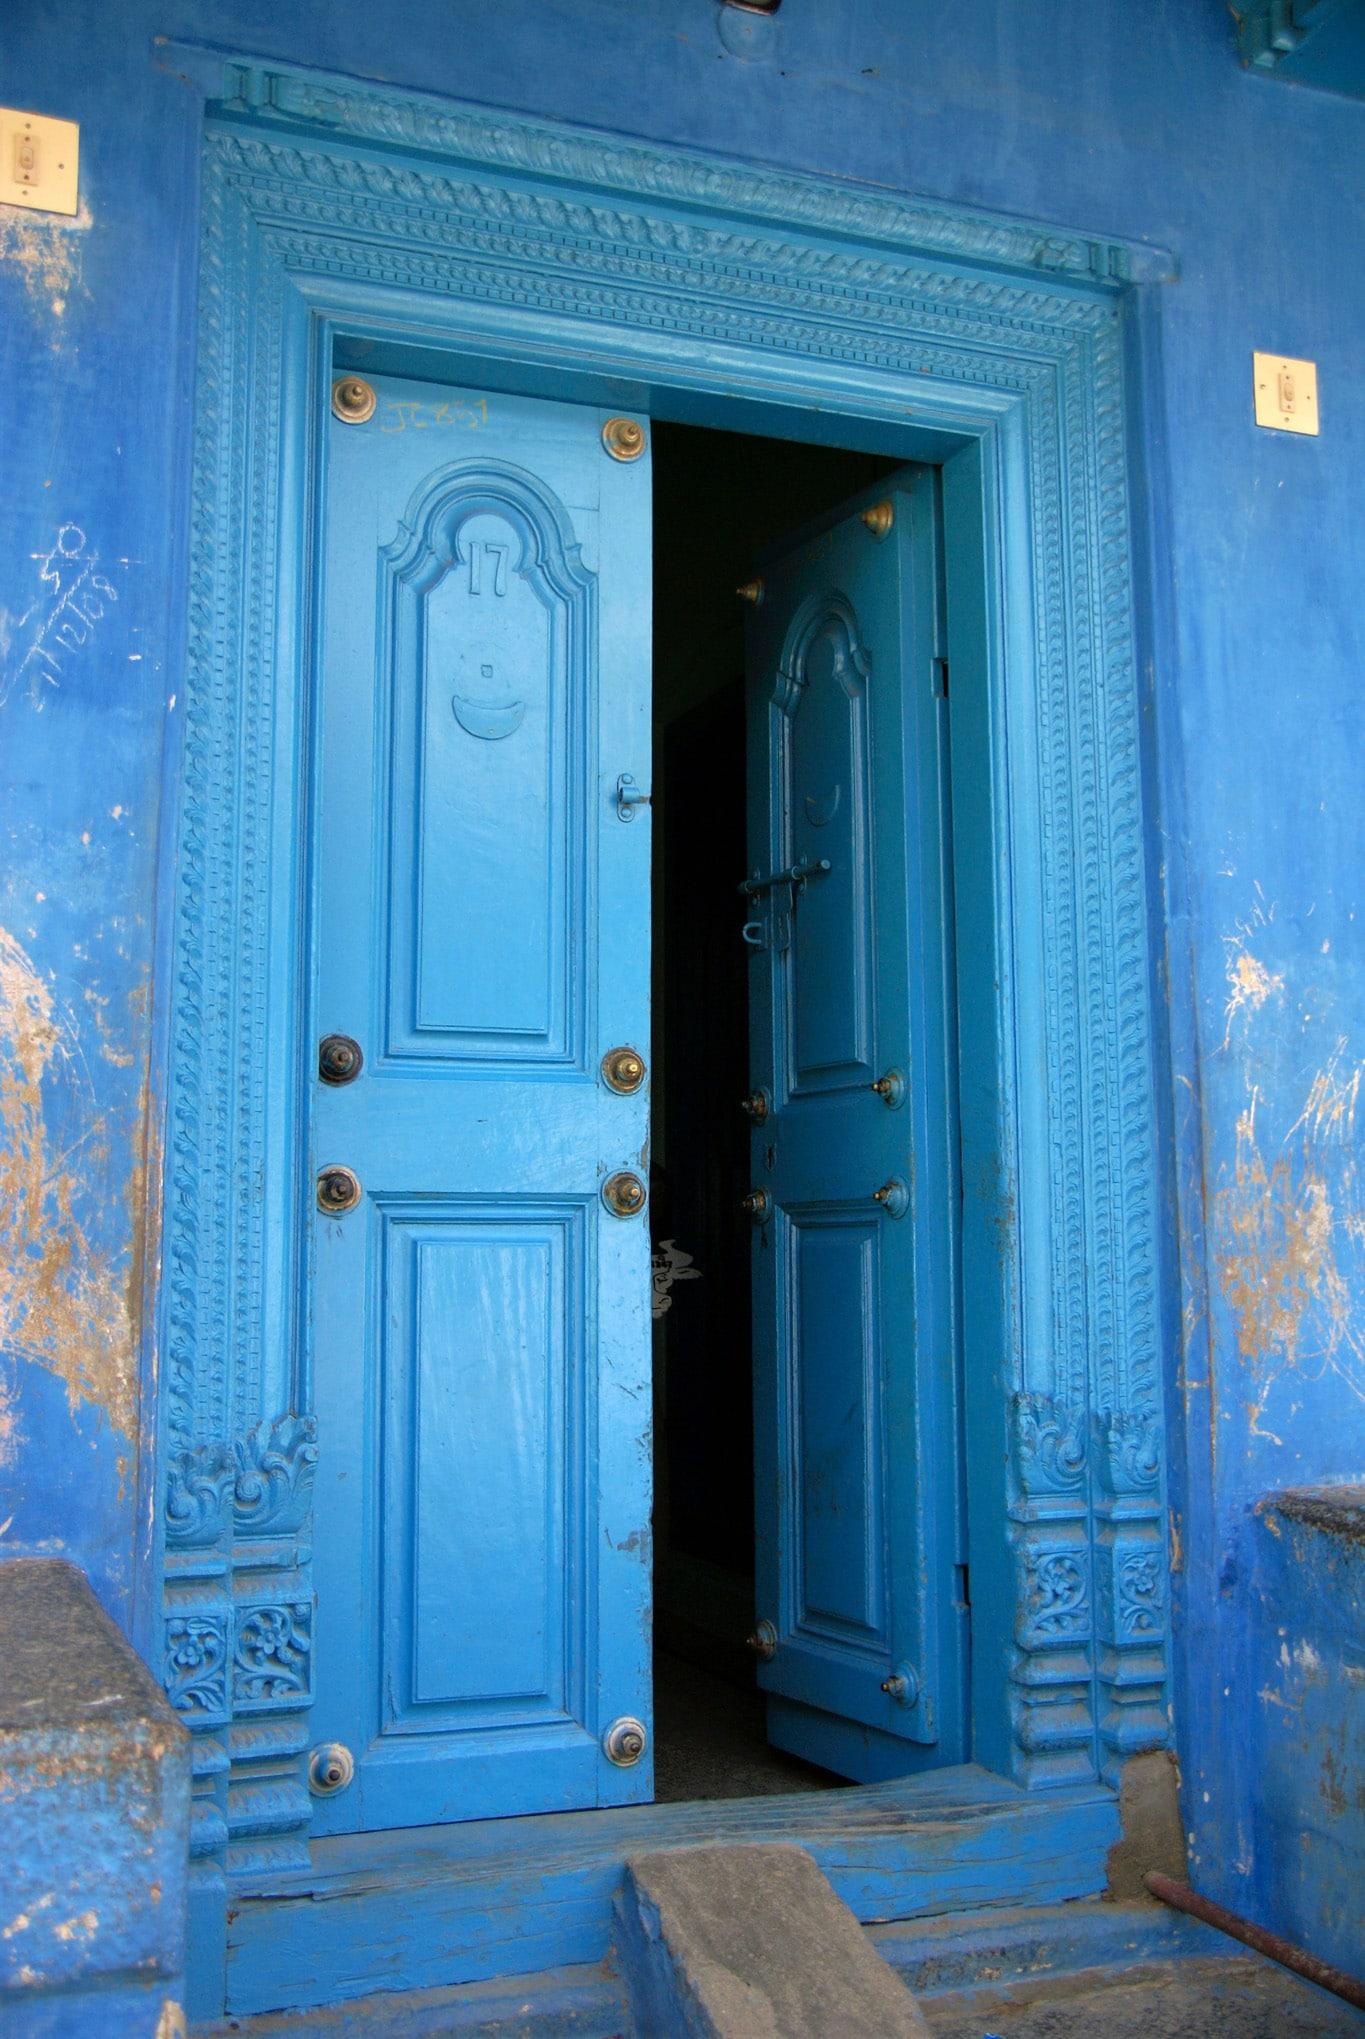 Une belle porte d'entrée bleue quartier musulman Vellore